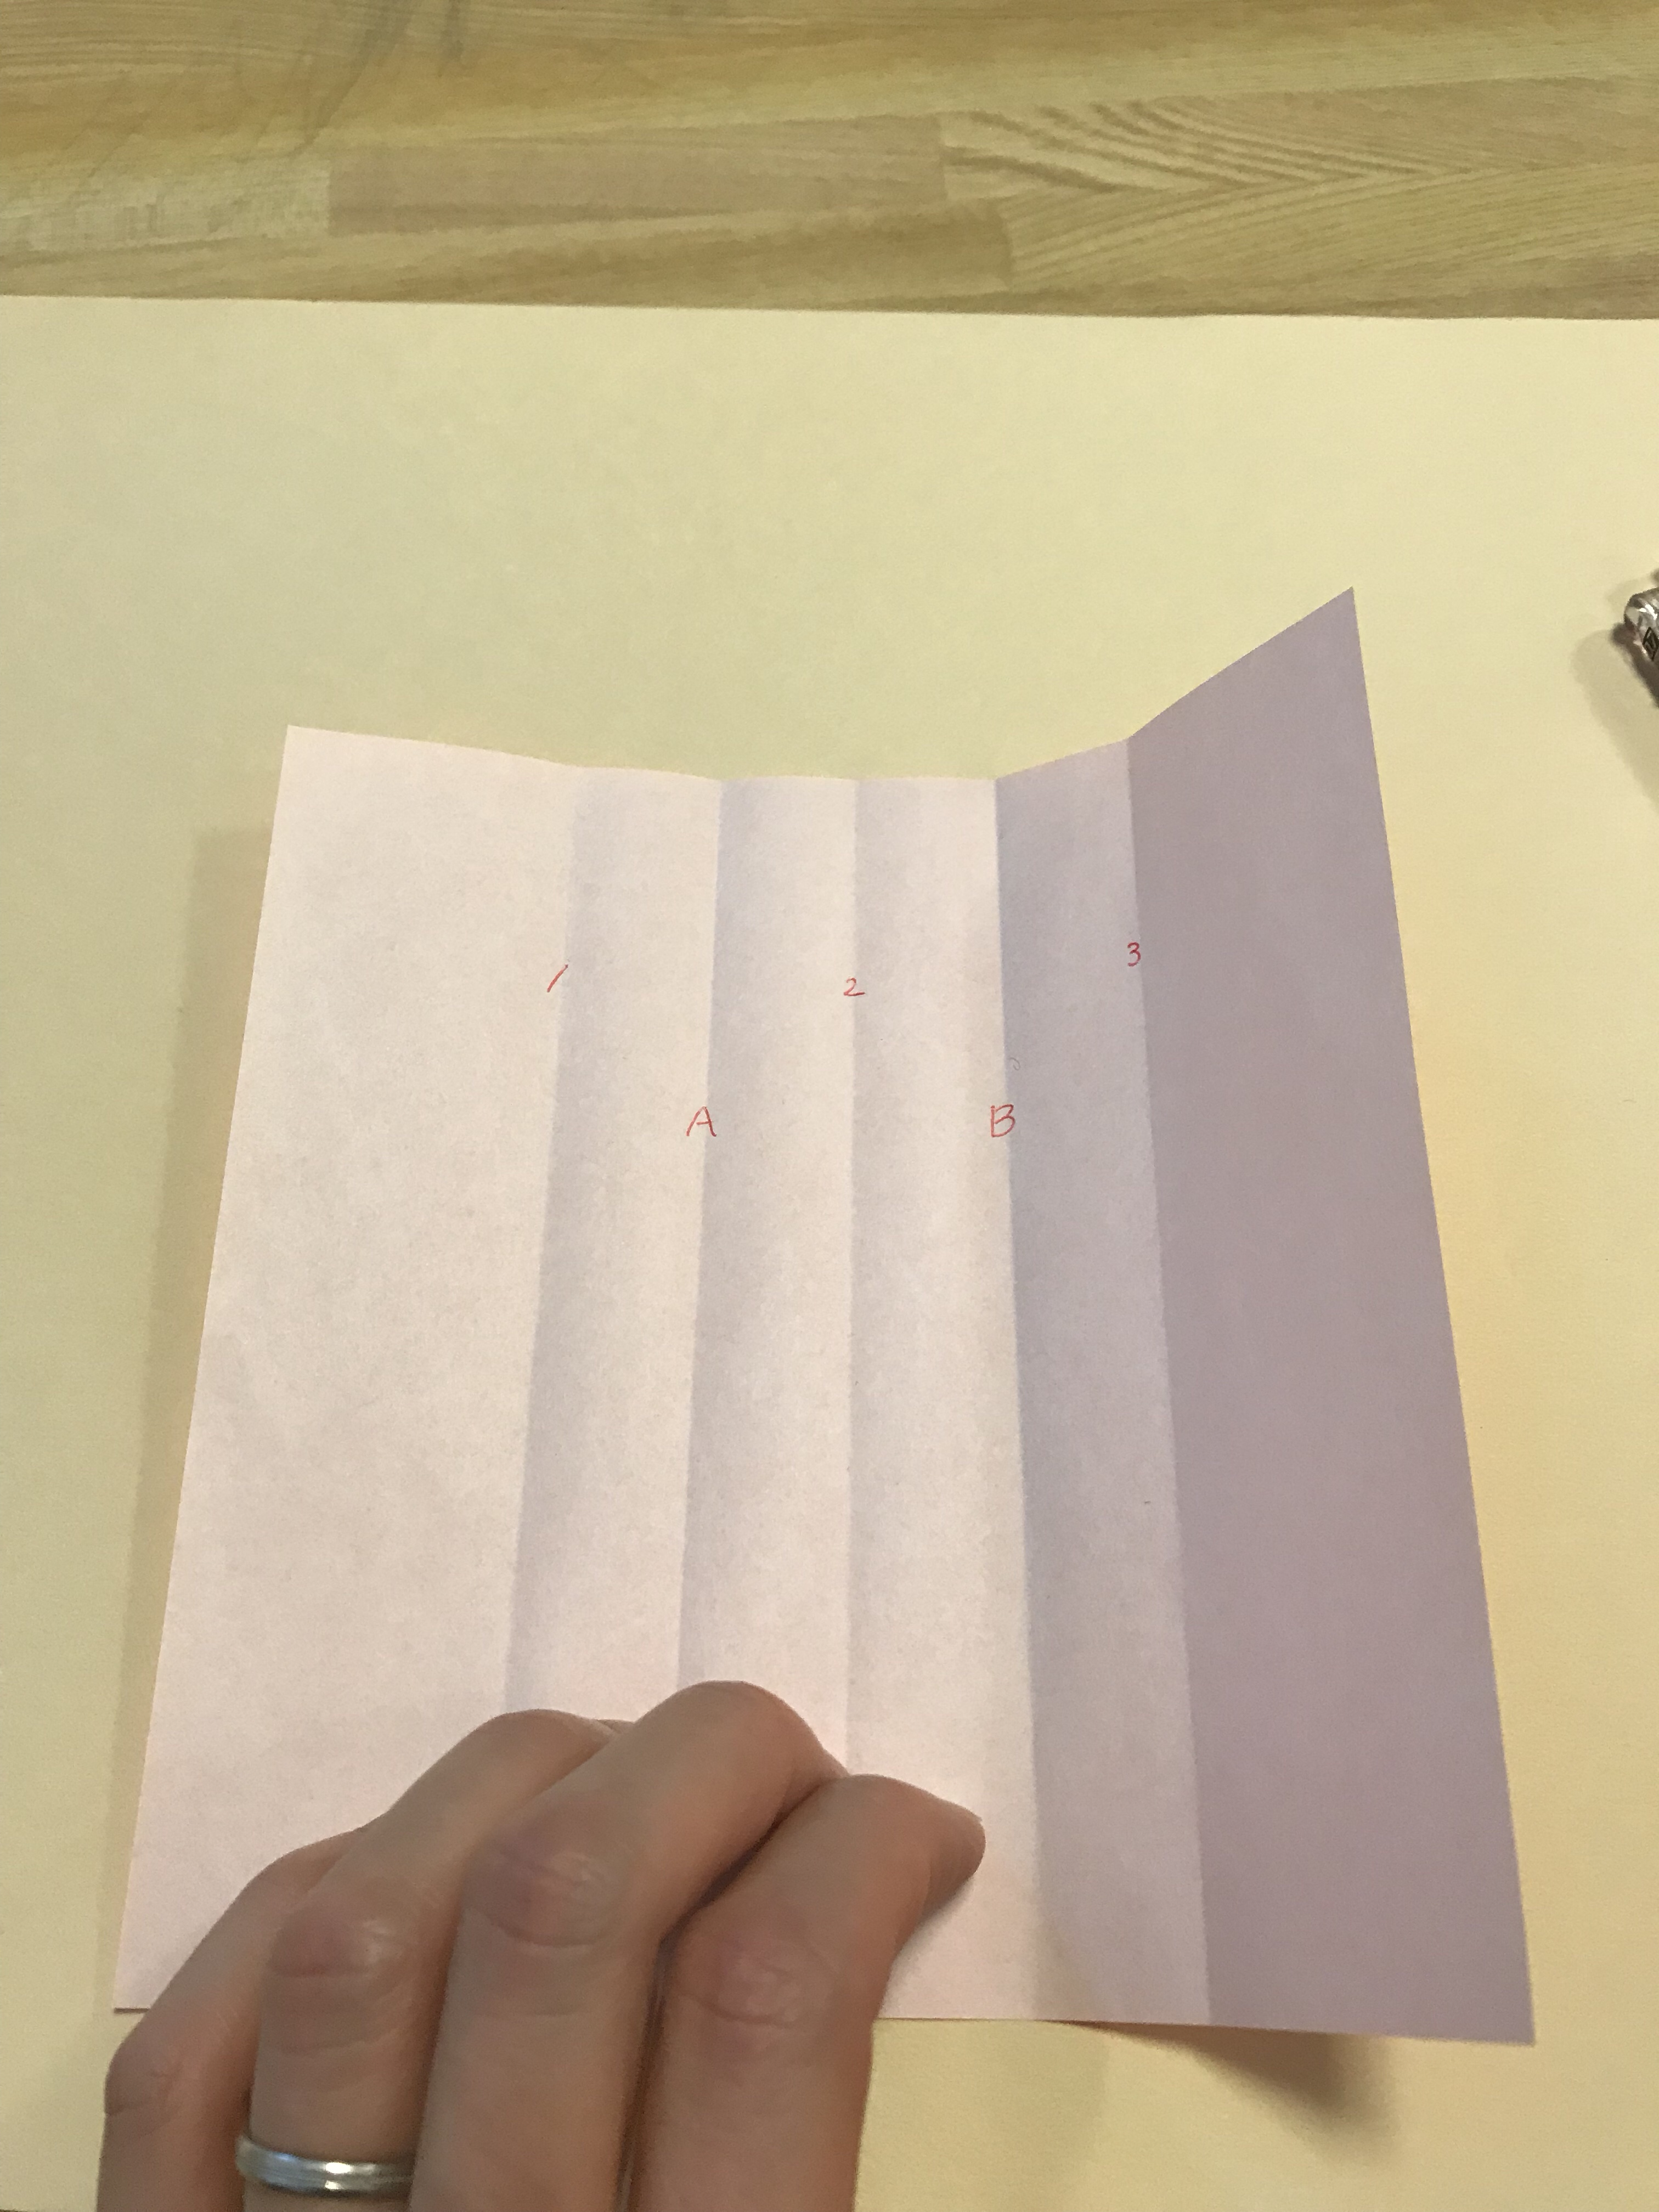 新しくできた折り線にA,Bと記入されている図。